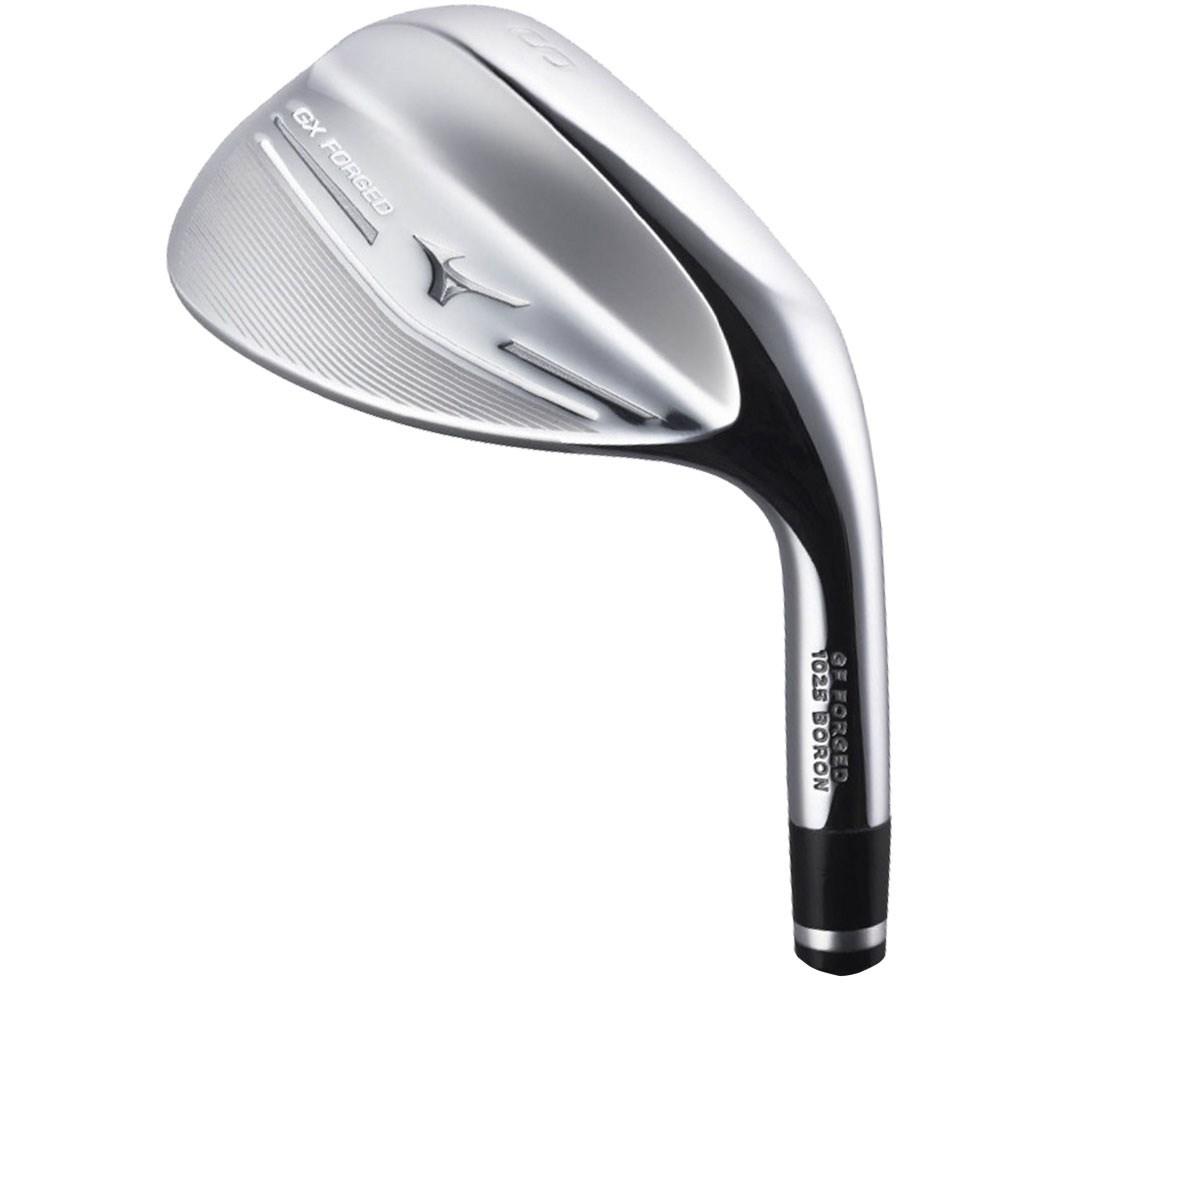 ミズノ GX FORGED アイアン(単品) N.S.PRO 950GH HT 軽量スチール ゴルフ